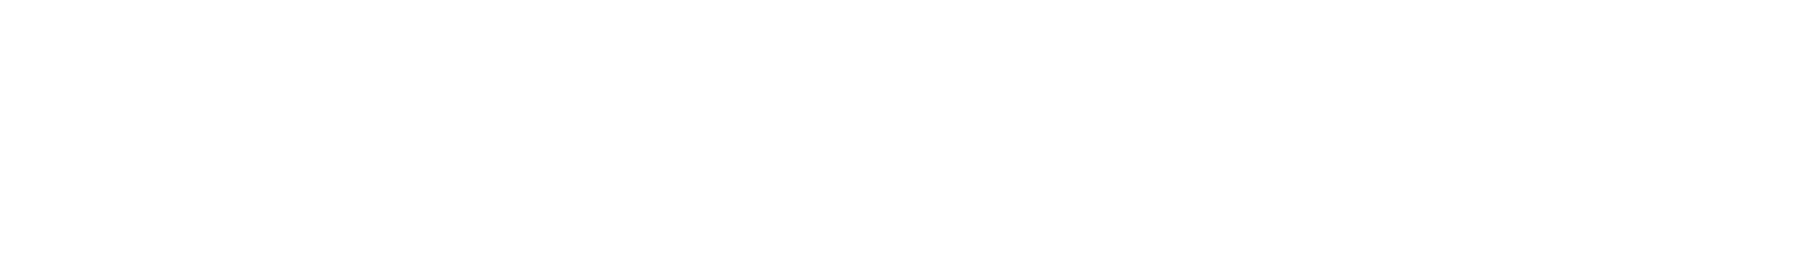 112 guitar loop d